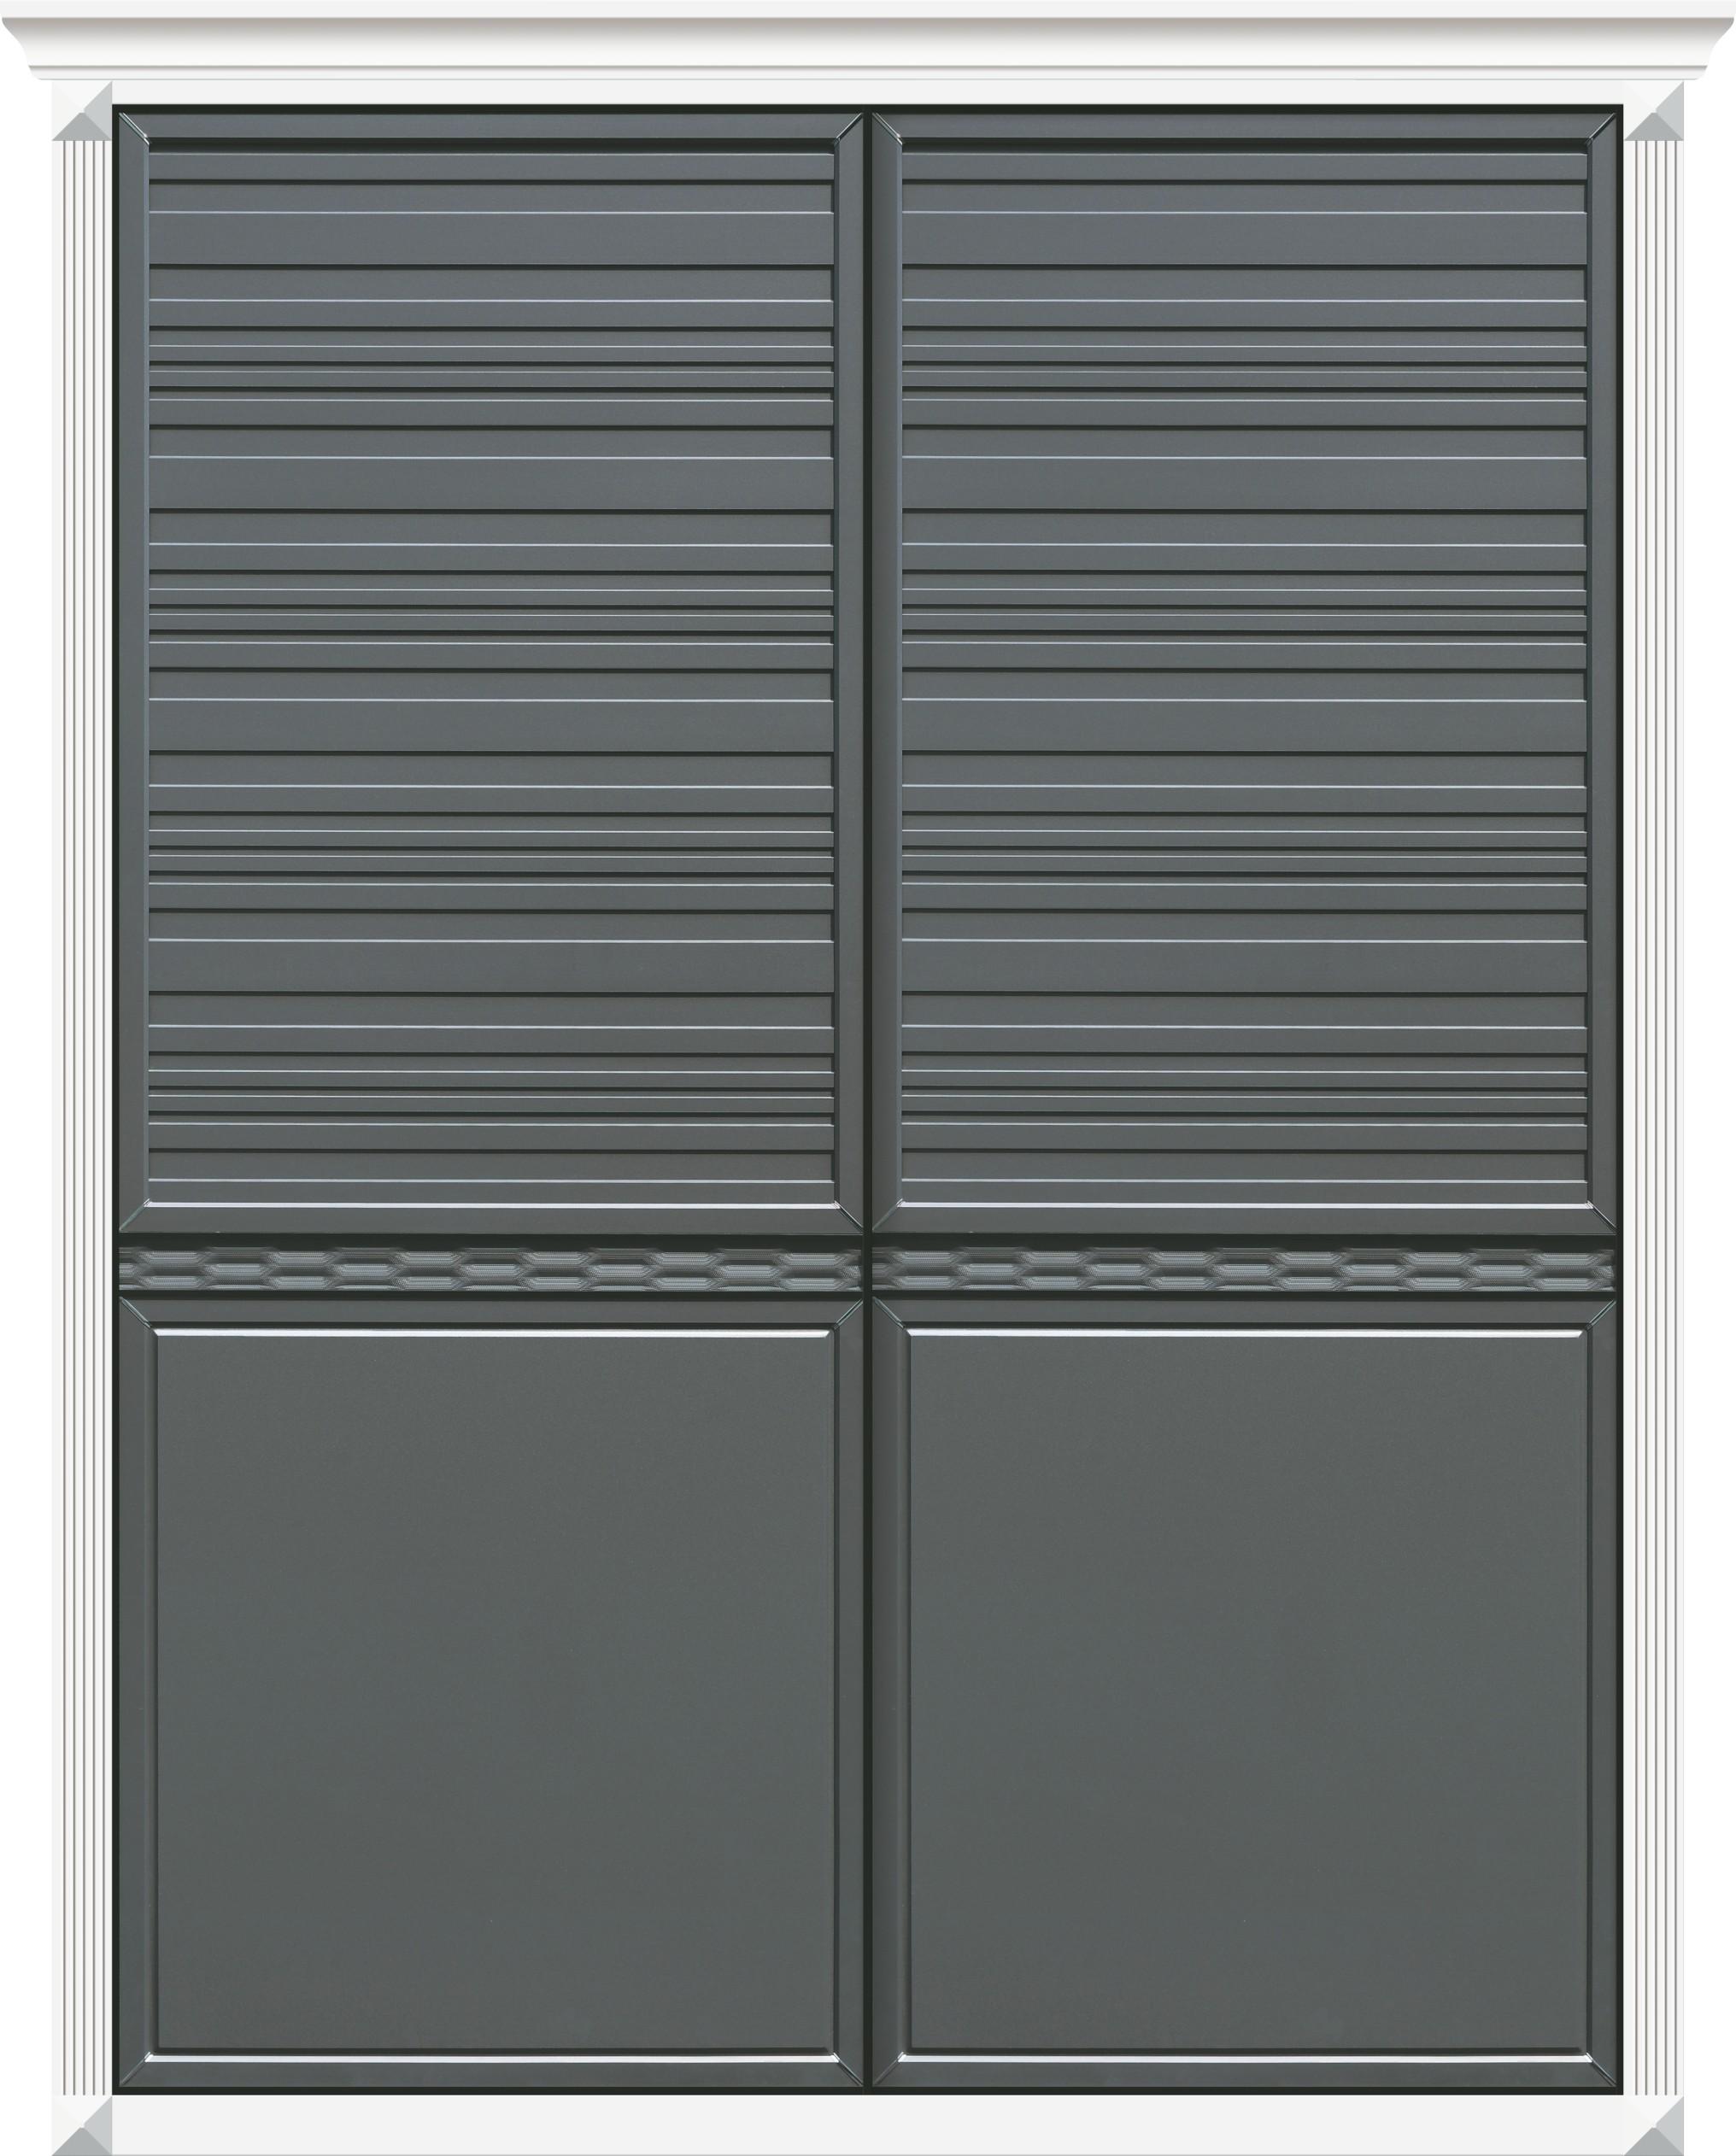 衣柜门设计衣柜图片_衣柜效果图_衣柜设计图